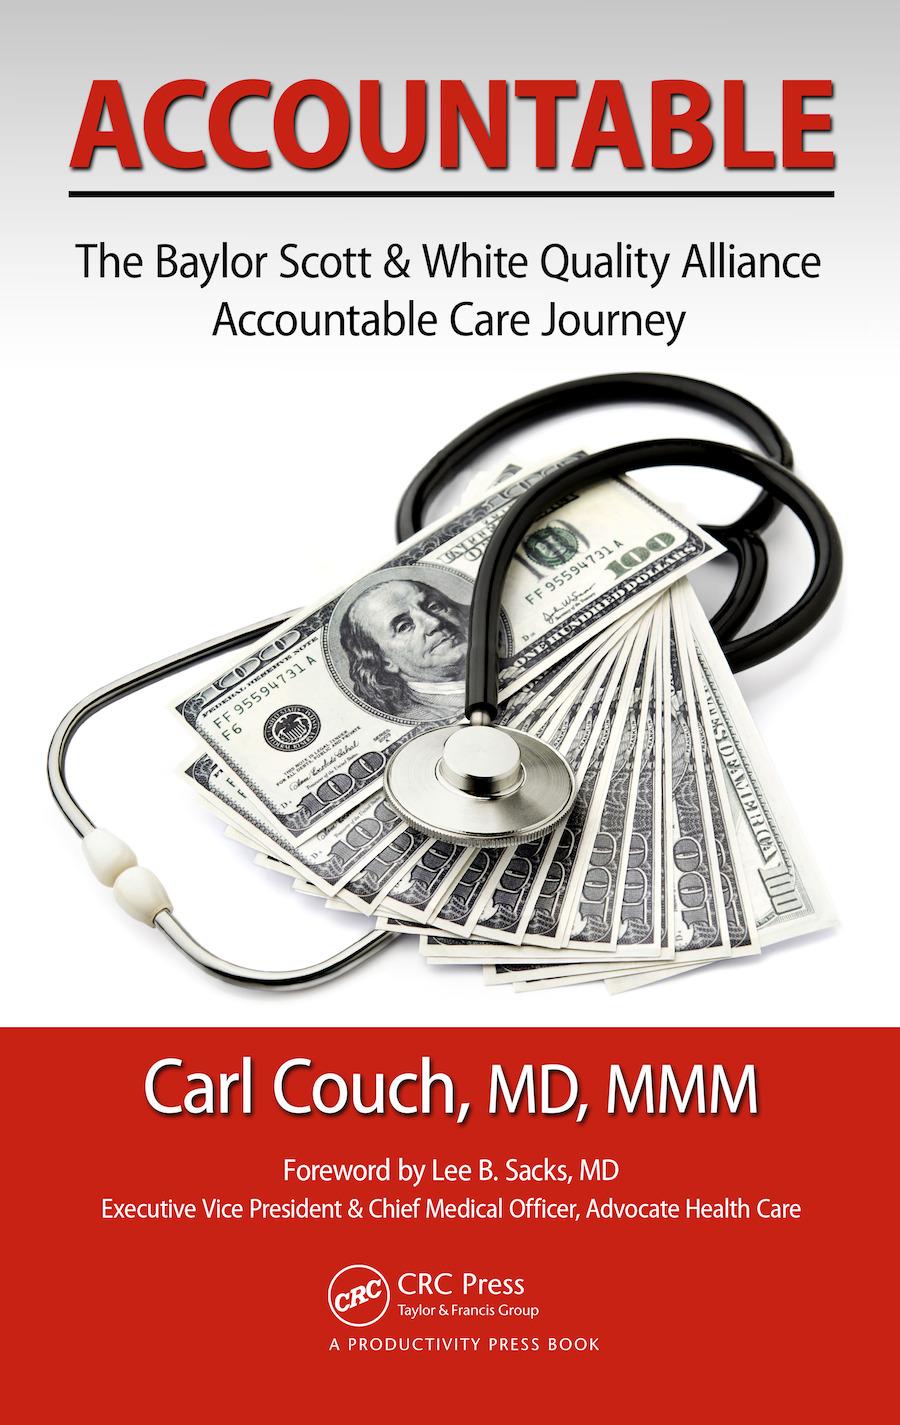 Why ACOs? How Can an Organization Produce Accountability?